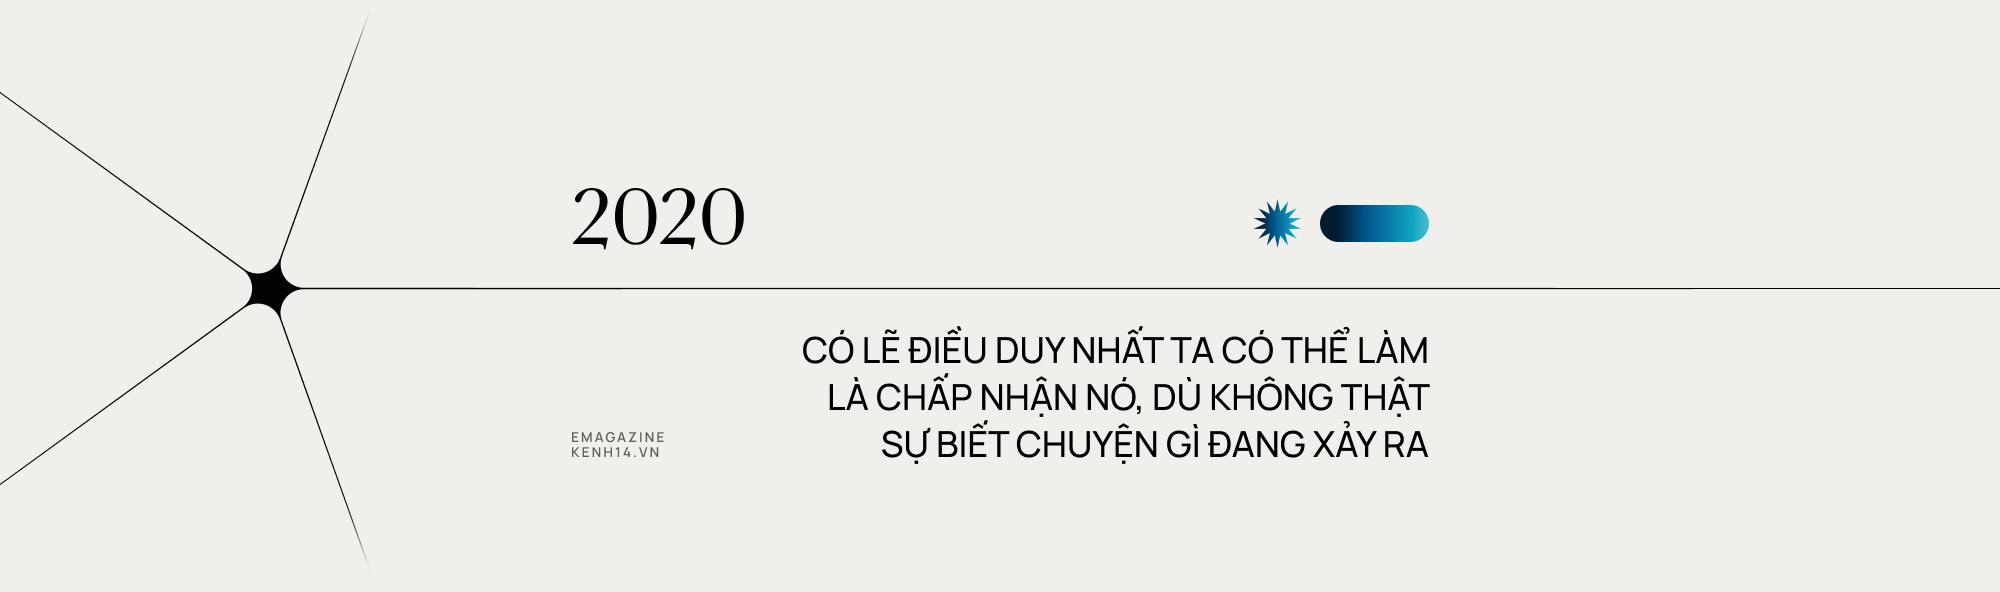 WeChoice Awards 2020: Diệu kỳ Việt Nam - khi phép màu đến từ những điều giản đơn nhất - Ảnh 5.